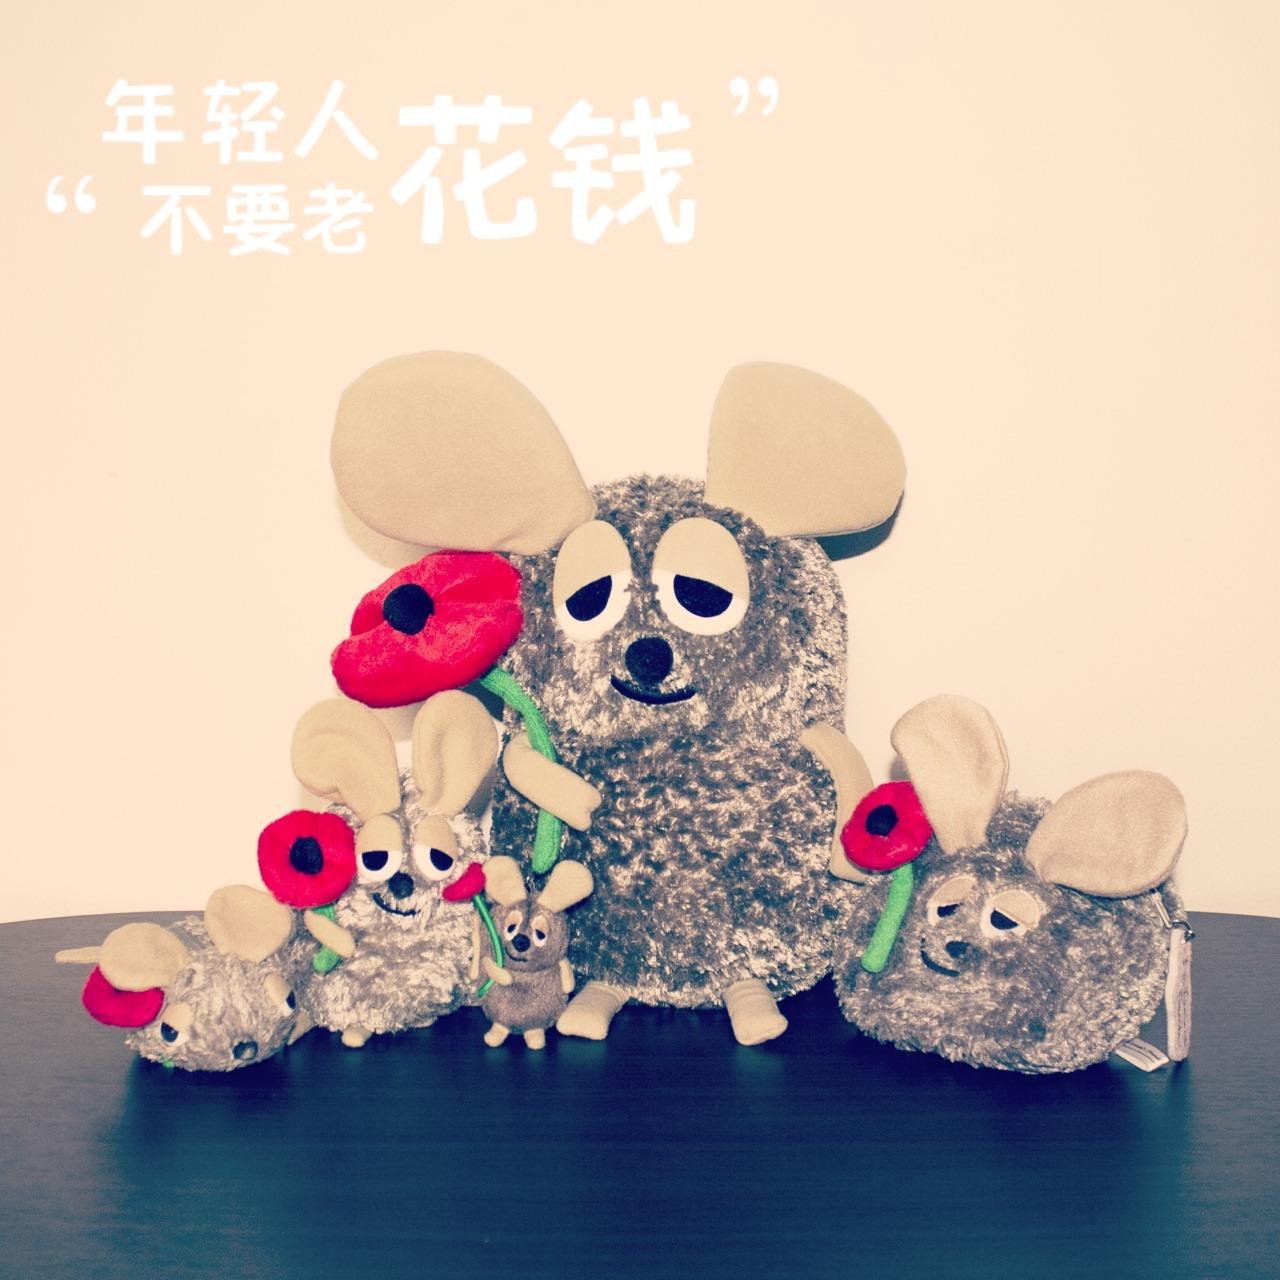 这只小老鼠是米国文学作家画家李欧·李奥尼的卡通形象